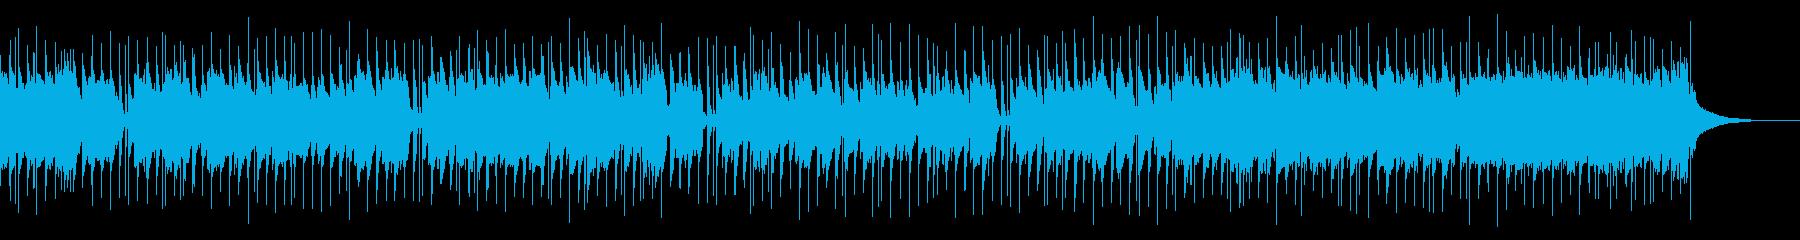 こども向けのほんわかBGMの再生済みの波形